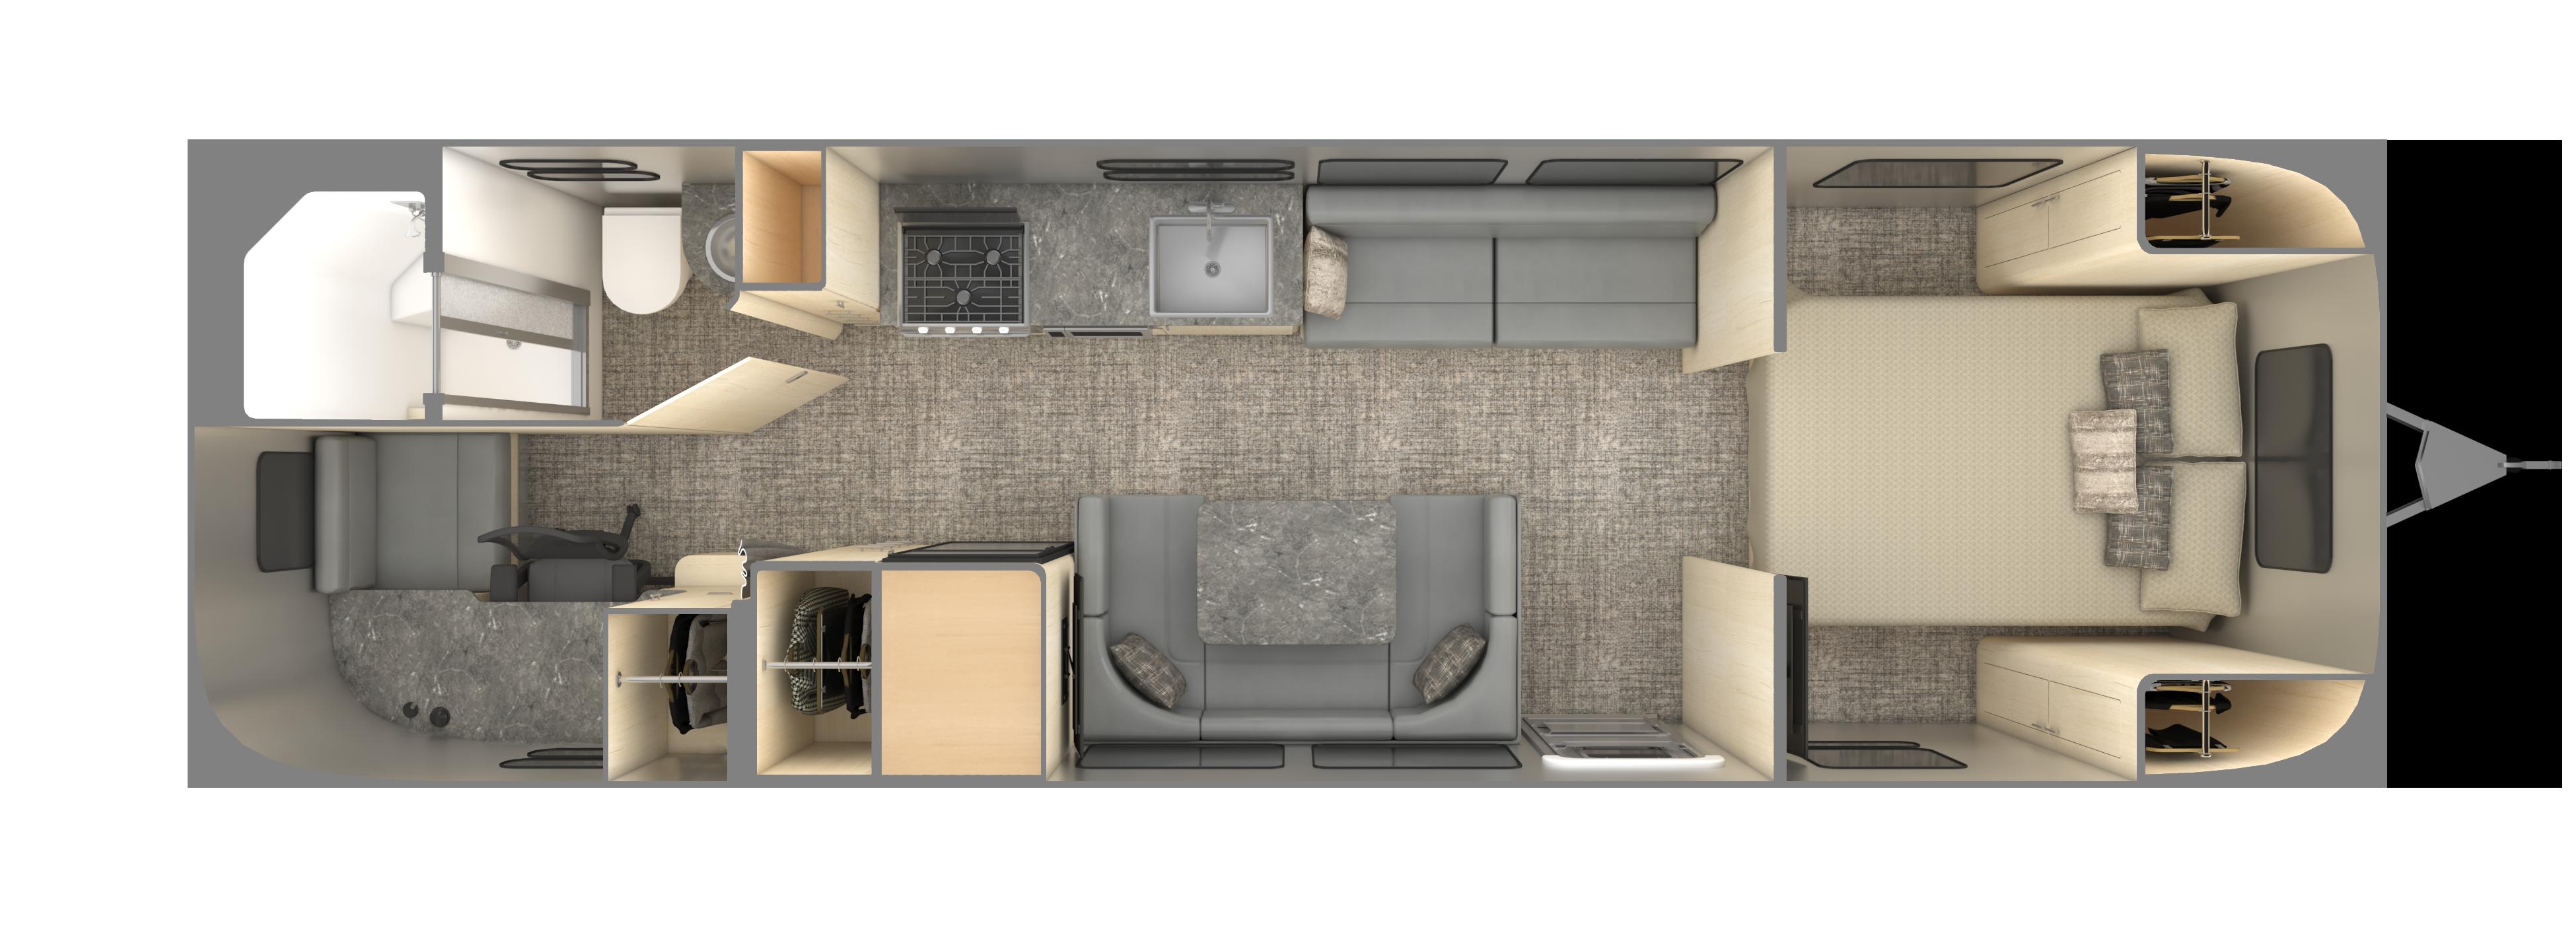 2021 Flying Cloud 30FB Floorplan SeattleMist WEB